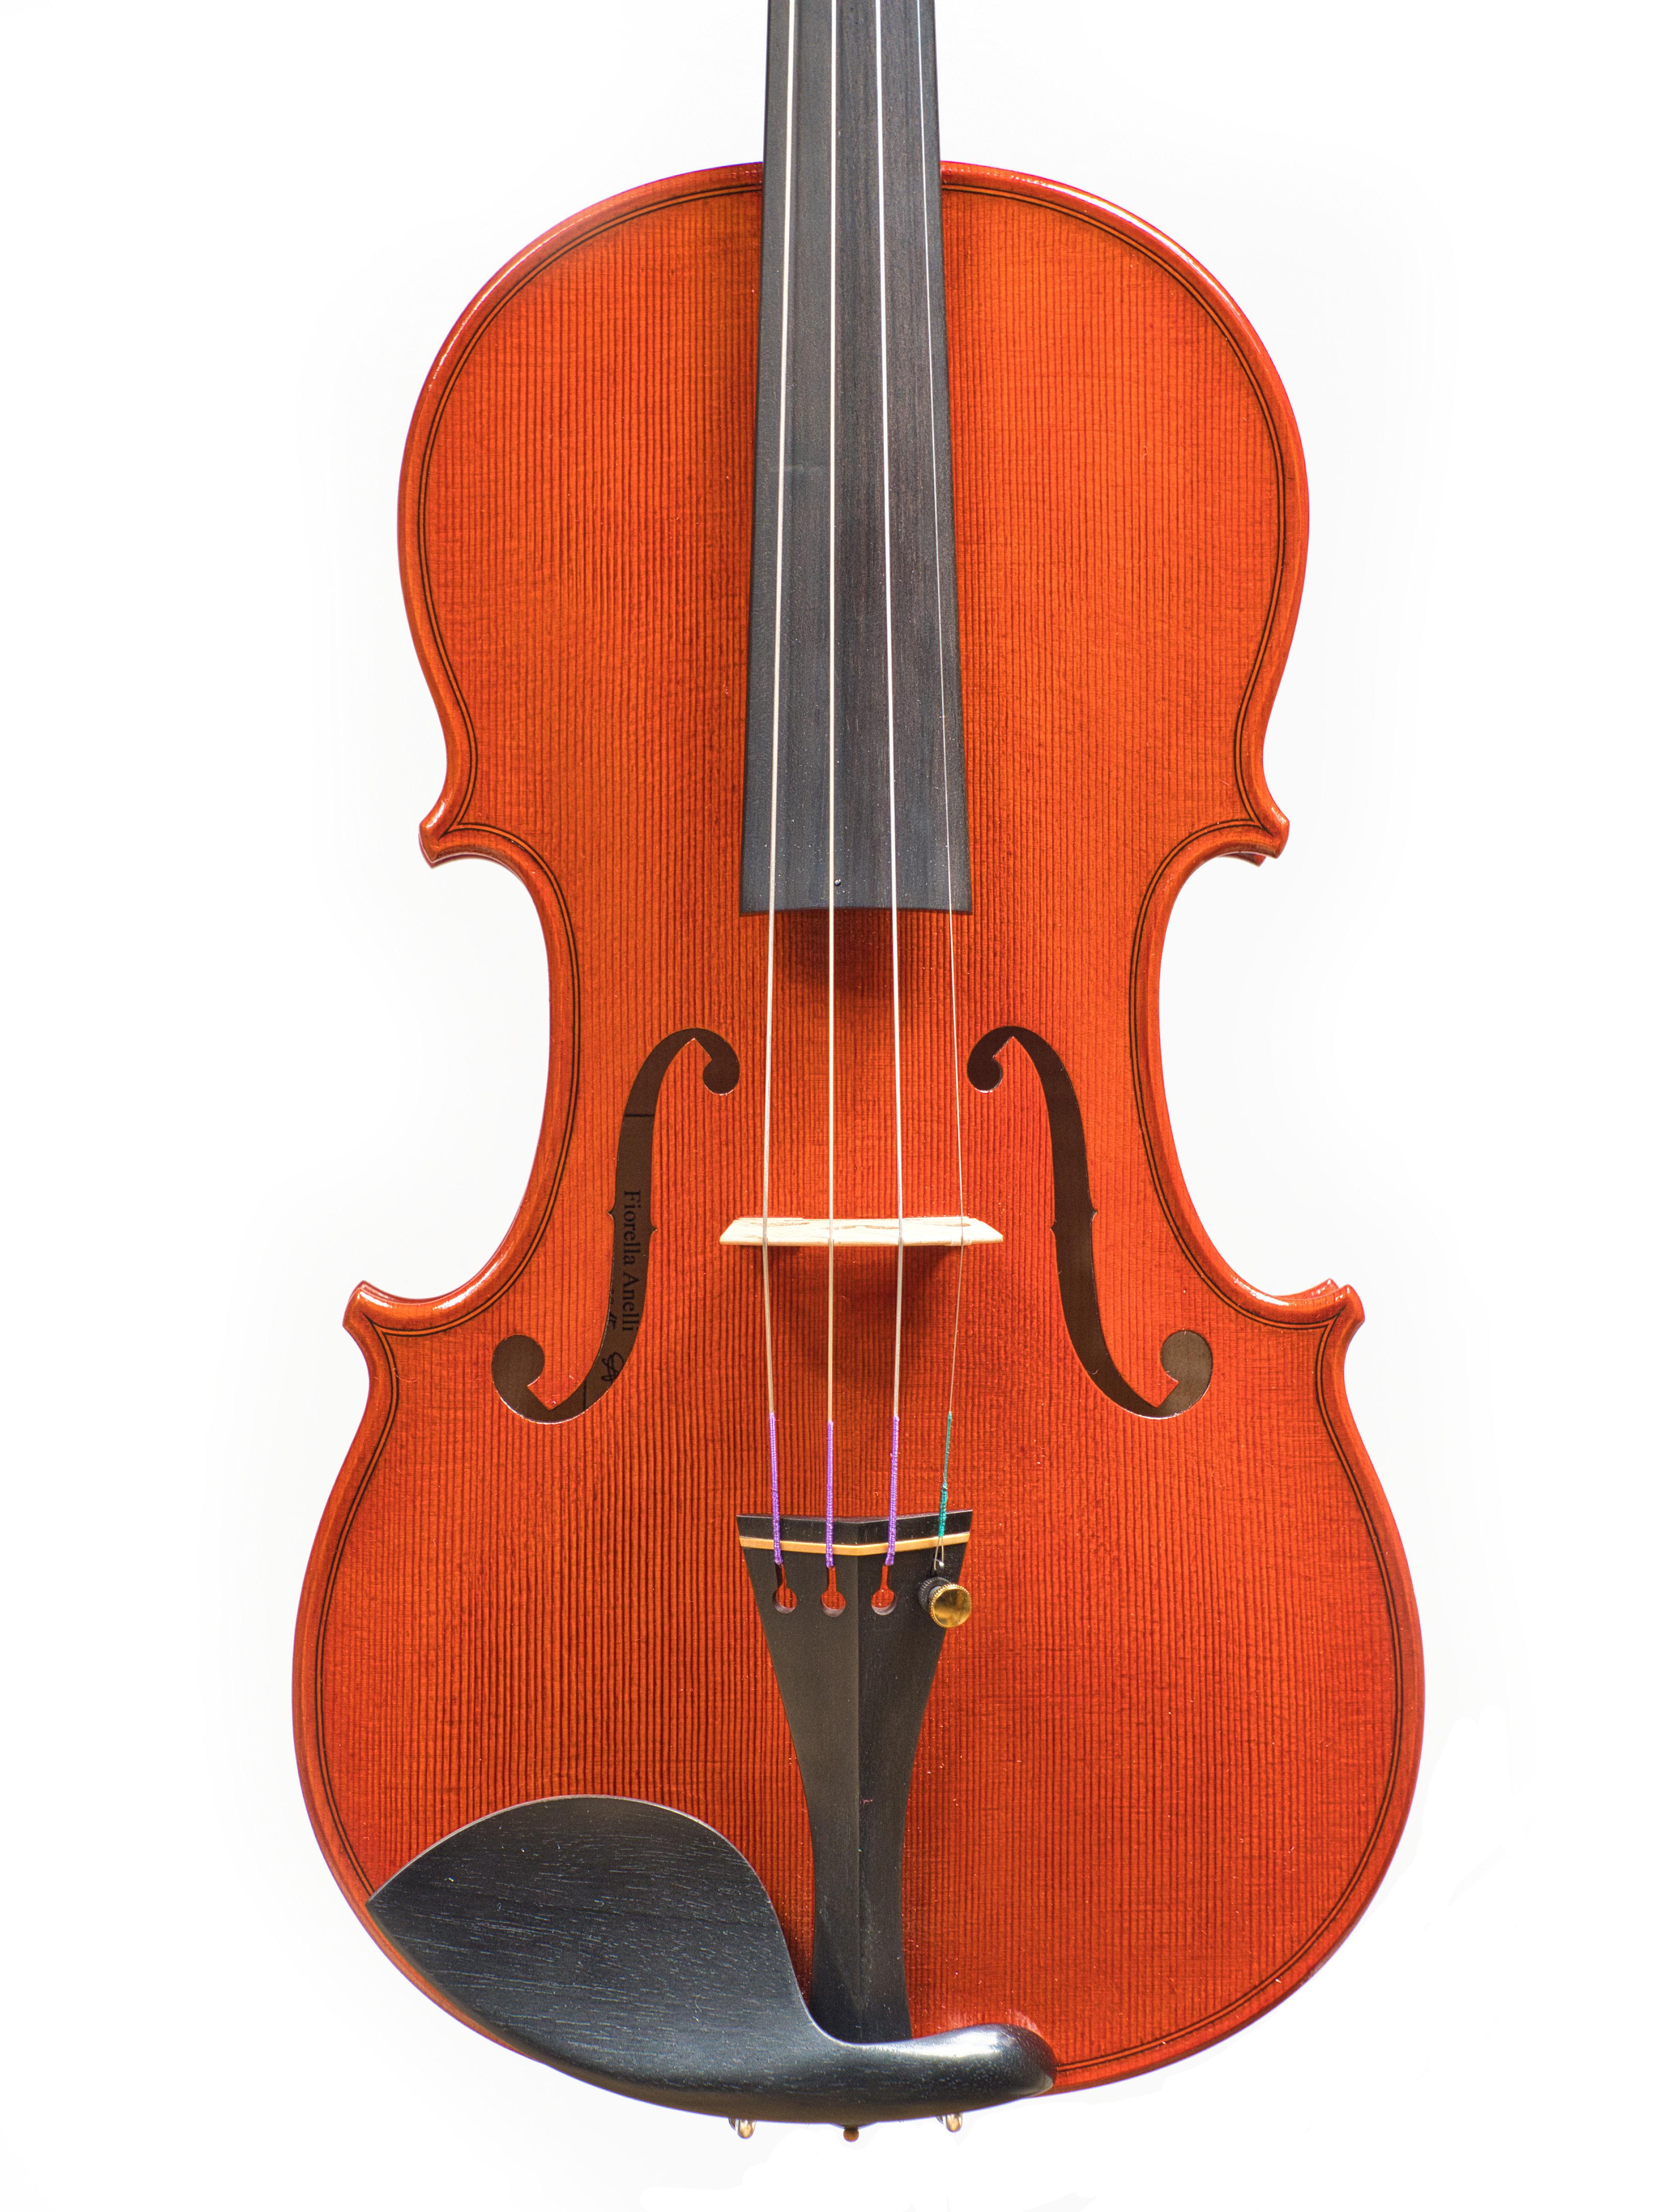 Violin by Fiorella Anelli, 2015